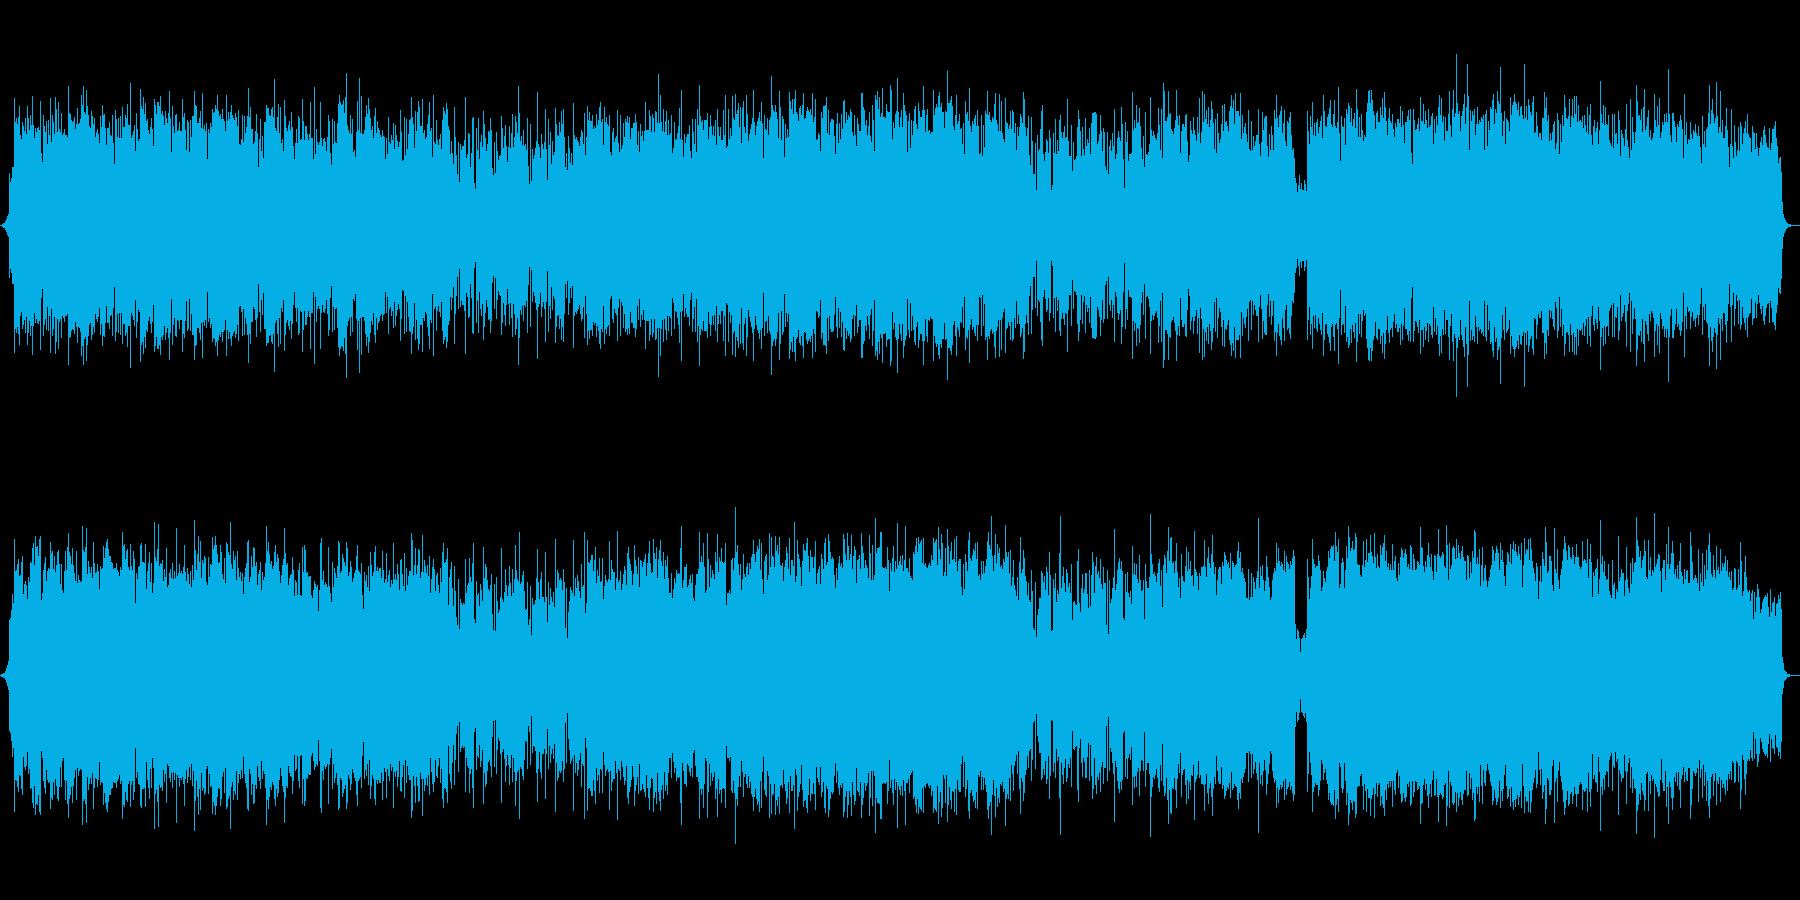 篠笛・神秘的・幻想的・歴史・バラードの再生済みの波形